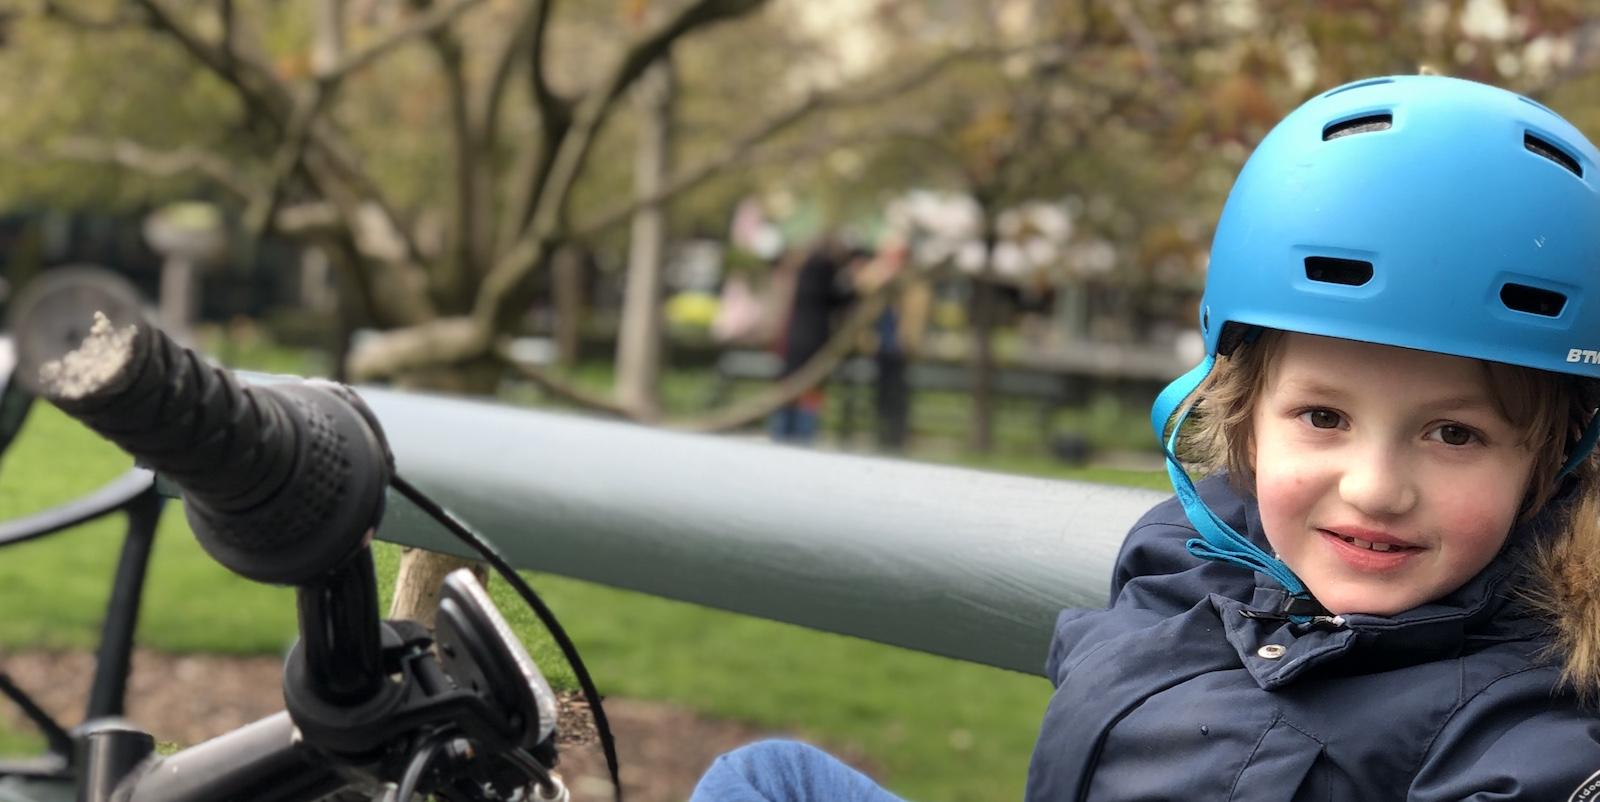 Cykelnerven, Berzelii park och den där Magnolian.